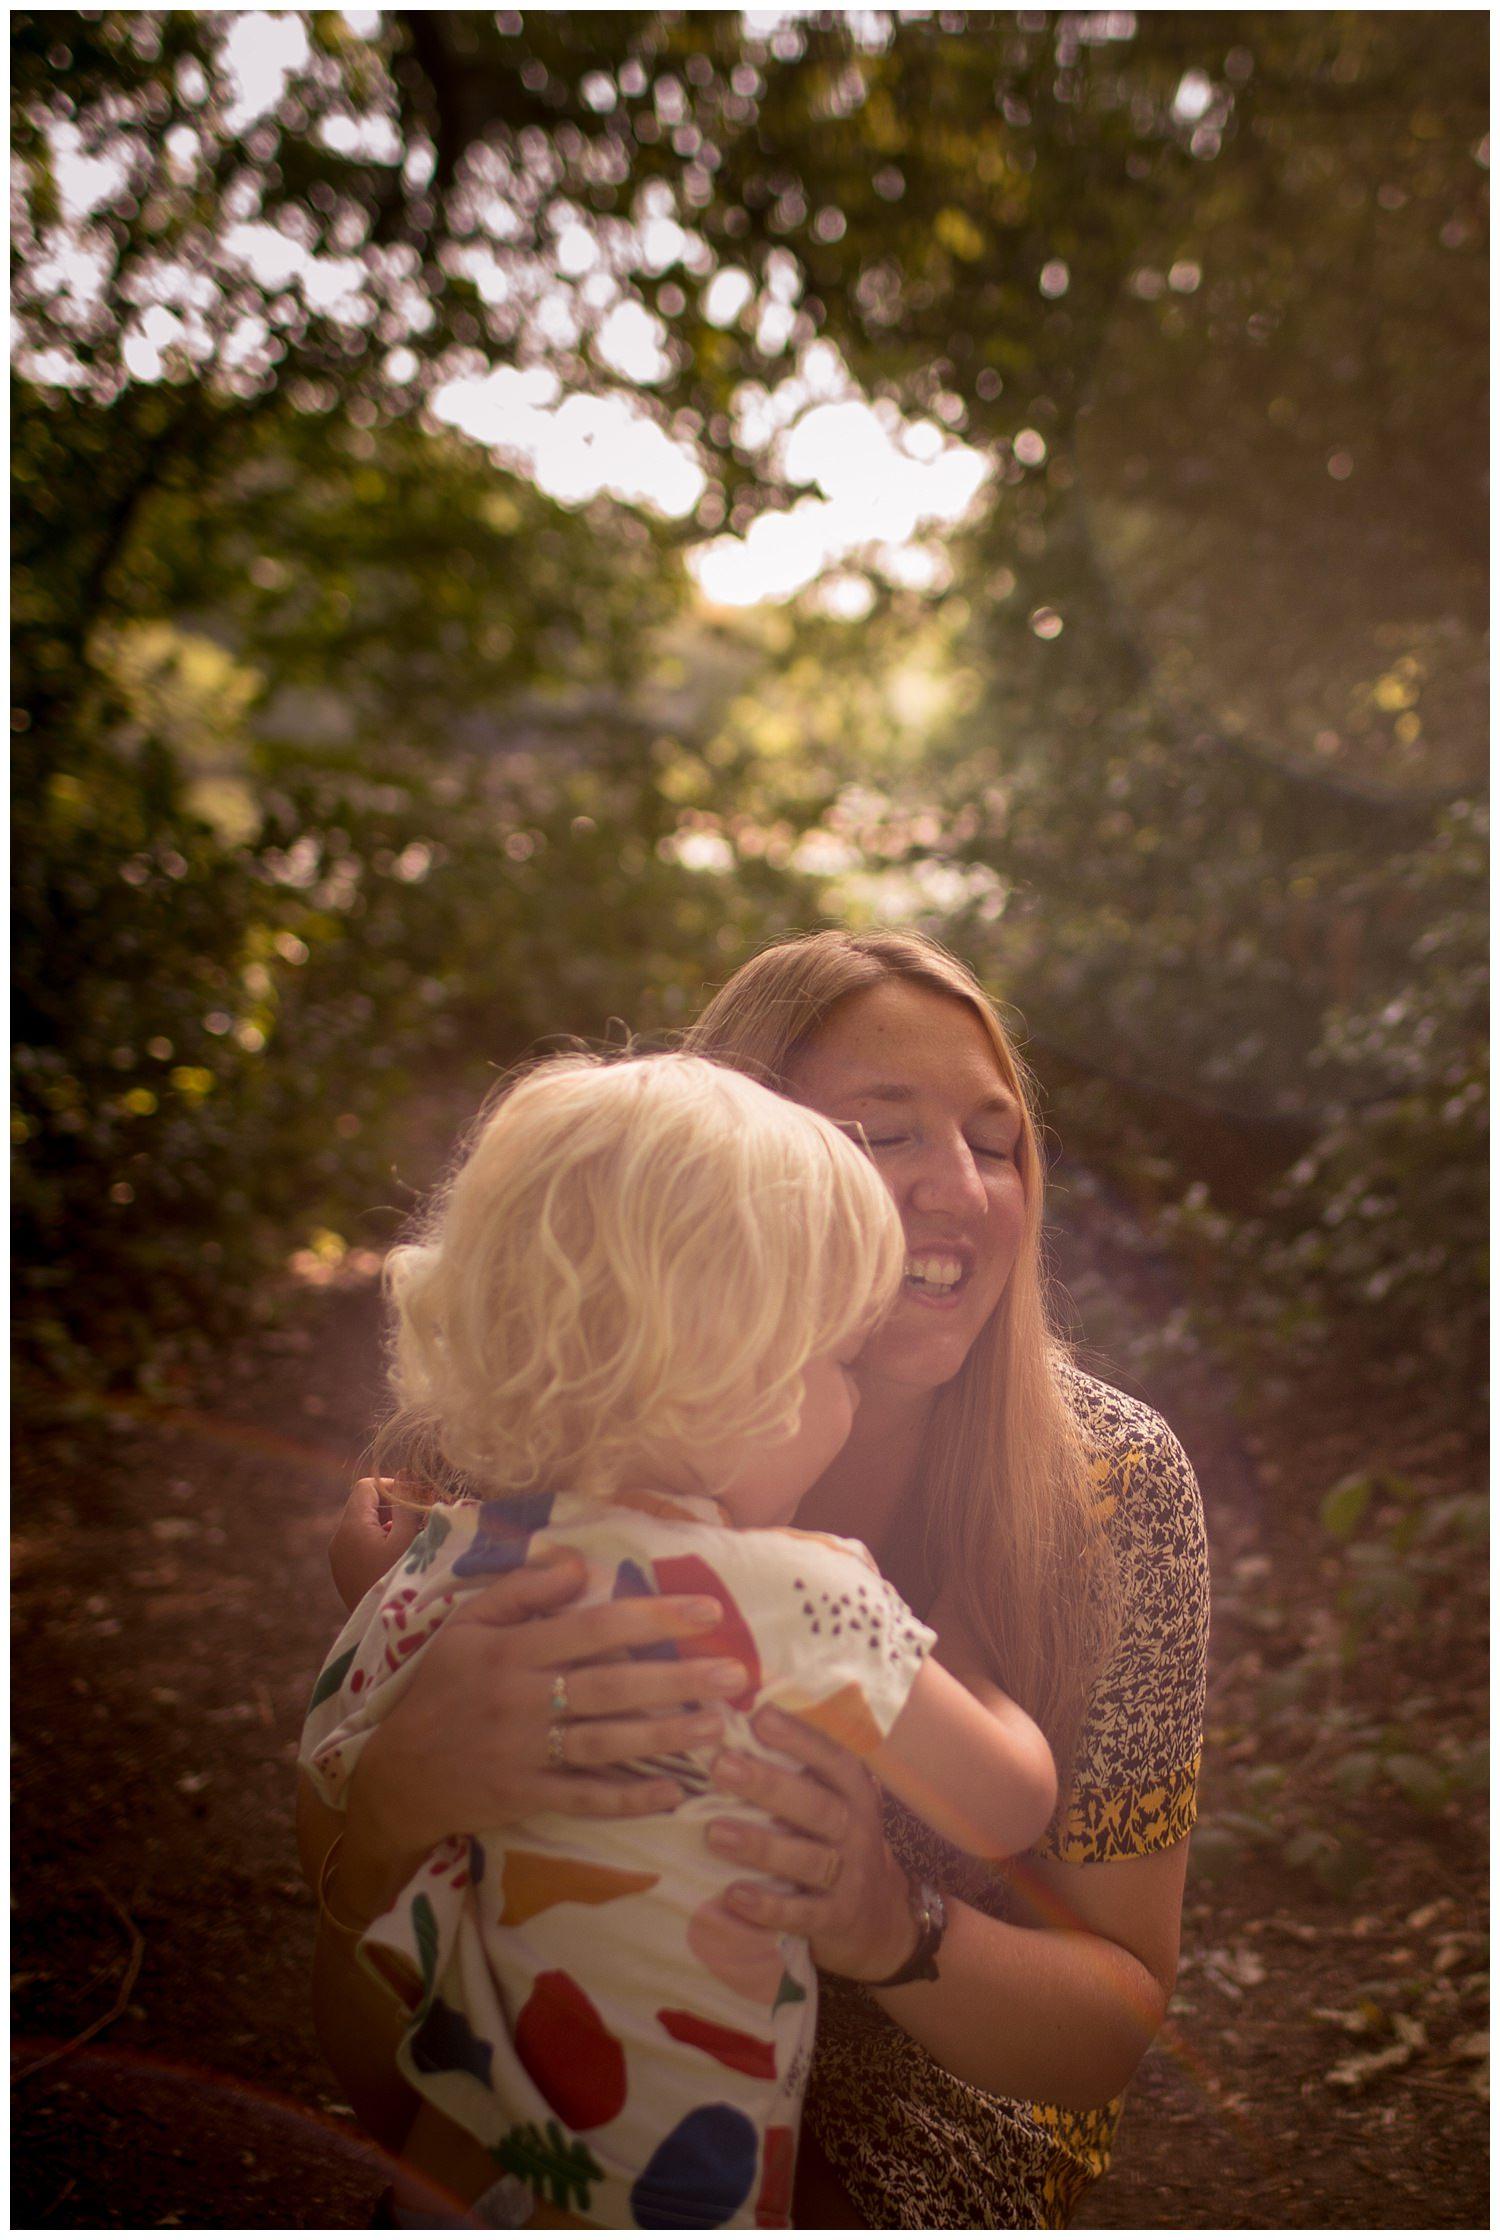 mum-and-baby-cuddle.jpg